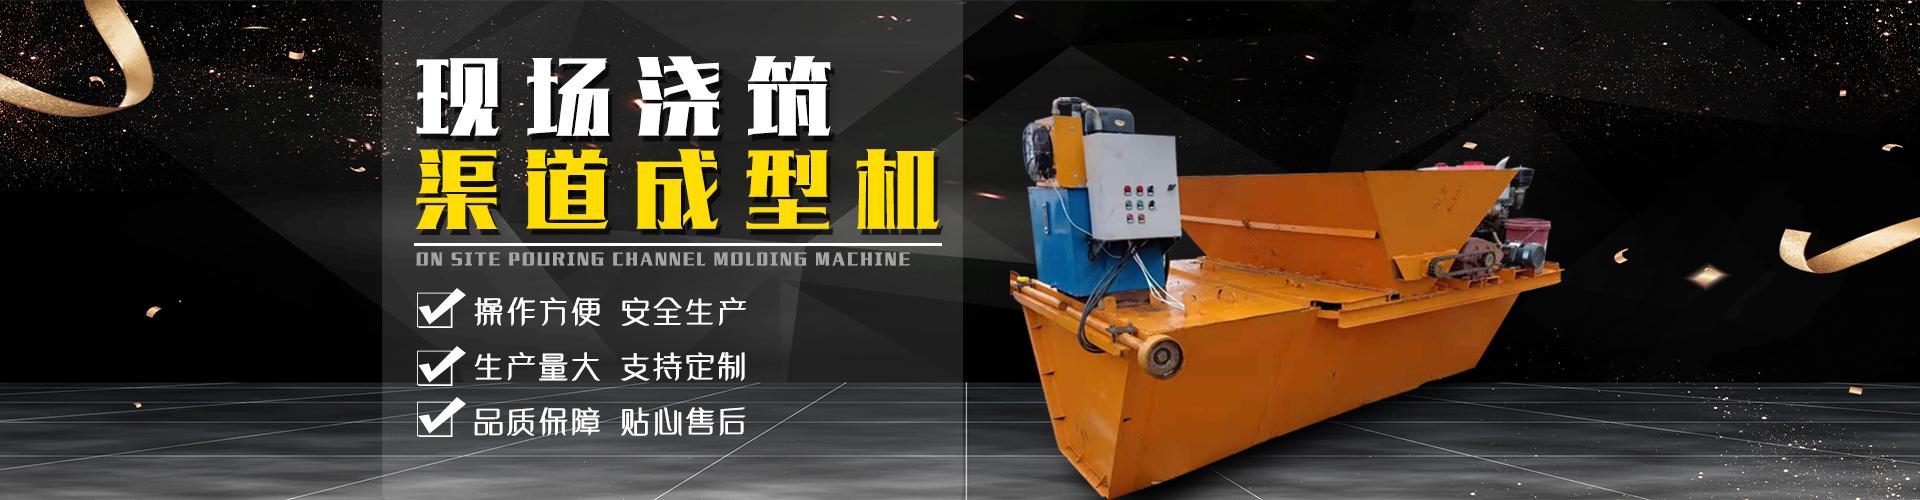 山东名鑫机械制造有限公司